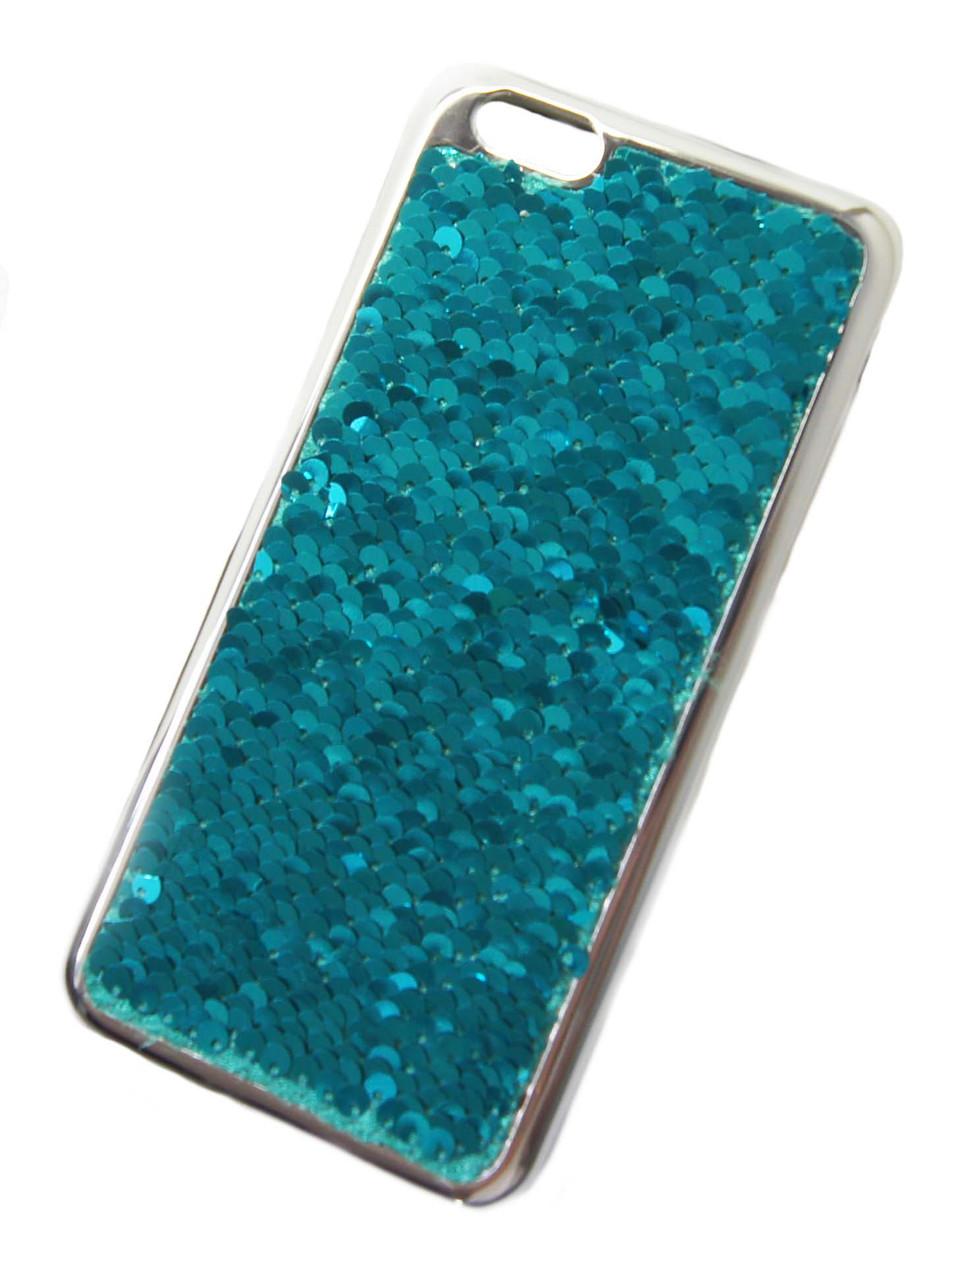 Силиконовый чехол для iPhone 6 Plus / 6S Plus Чешуйки зеленый